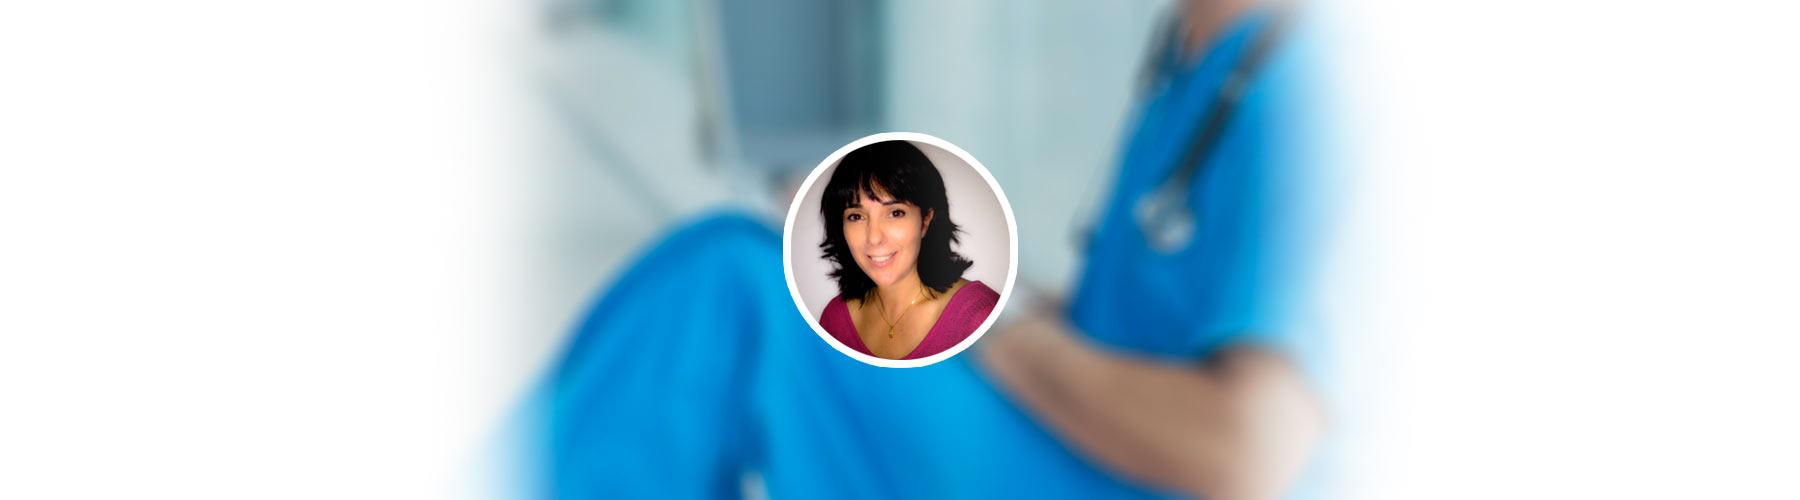 Conoce a Inma Zambade, especialista en Salud Digital